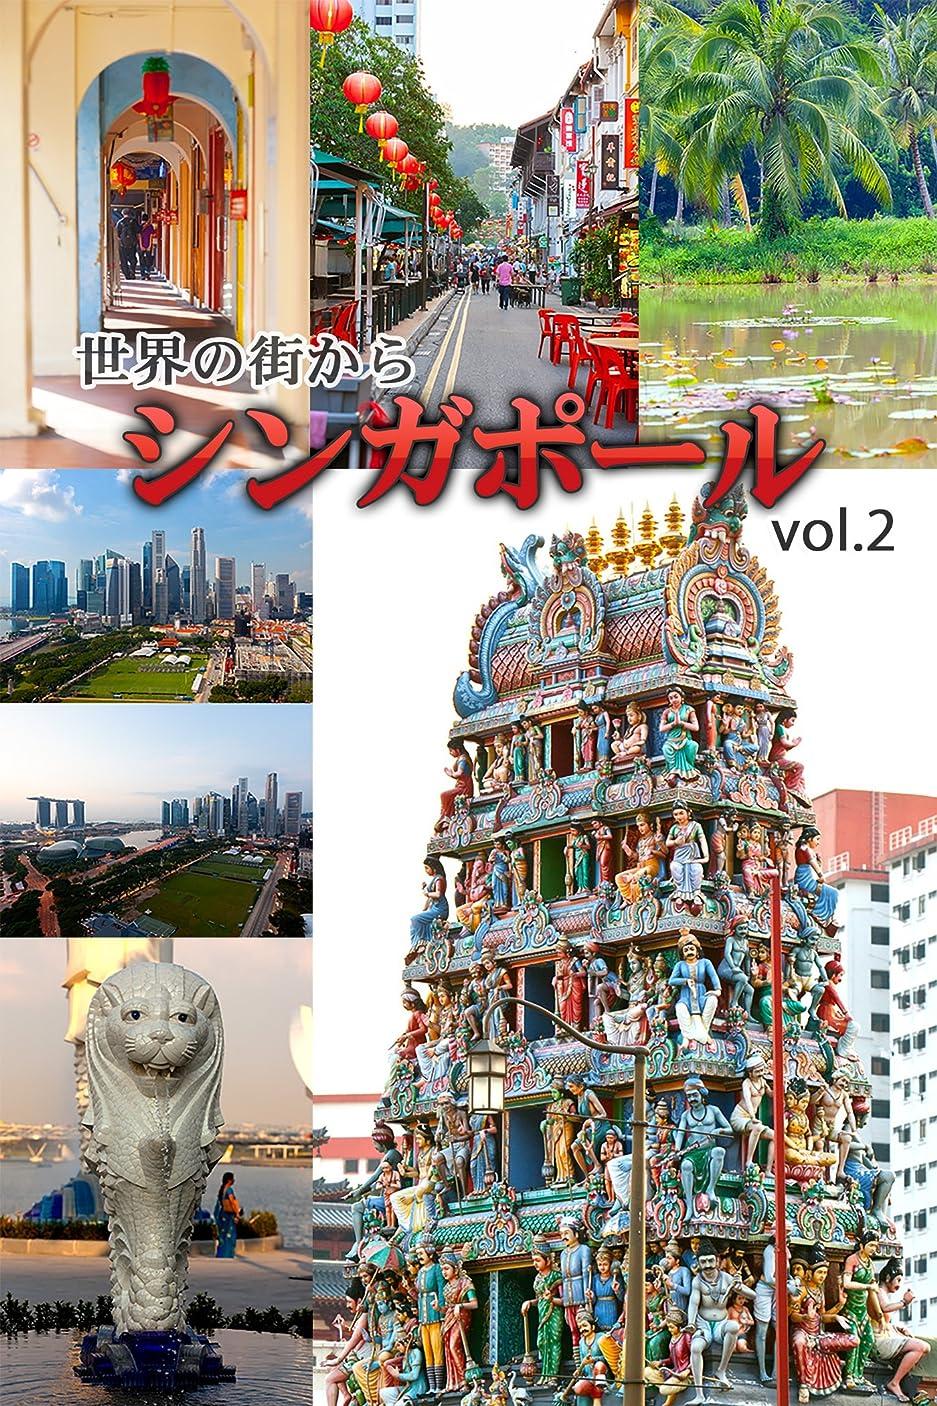 神経衰弱無心不測の事態世界の街から シンガポール vol.2